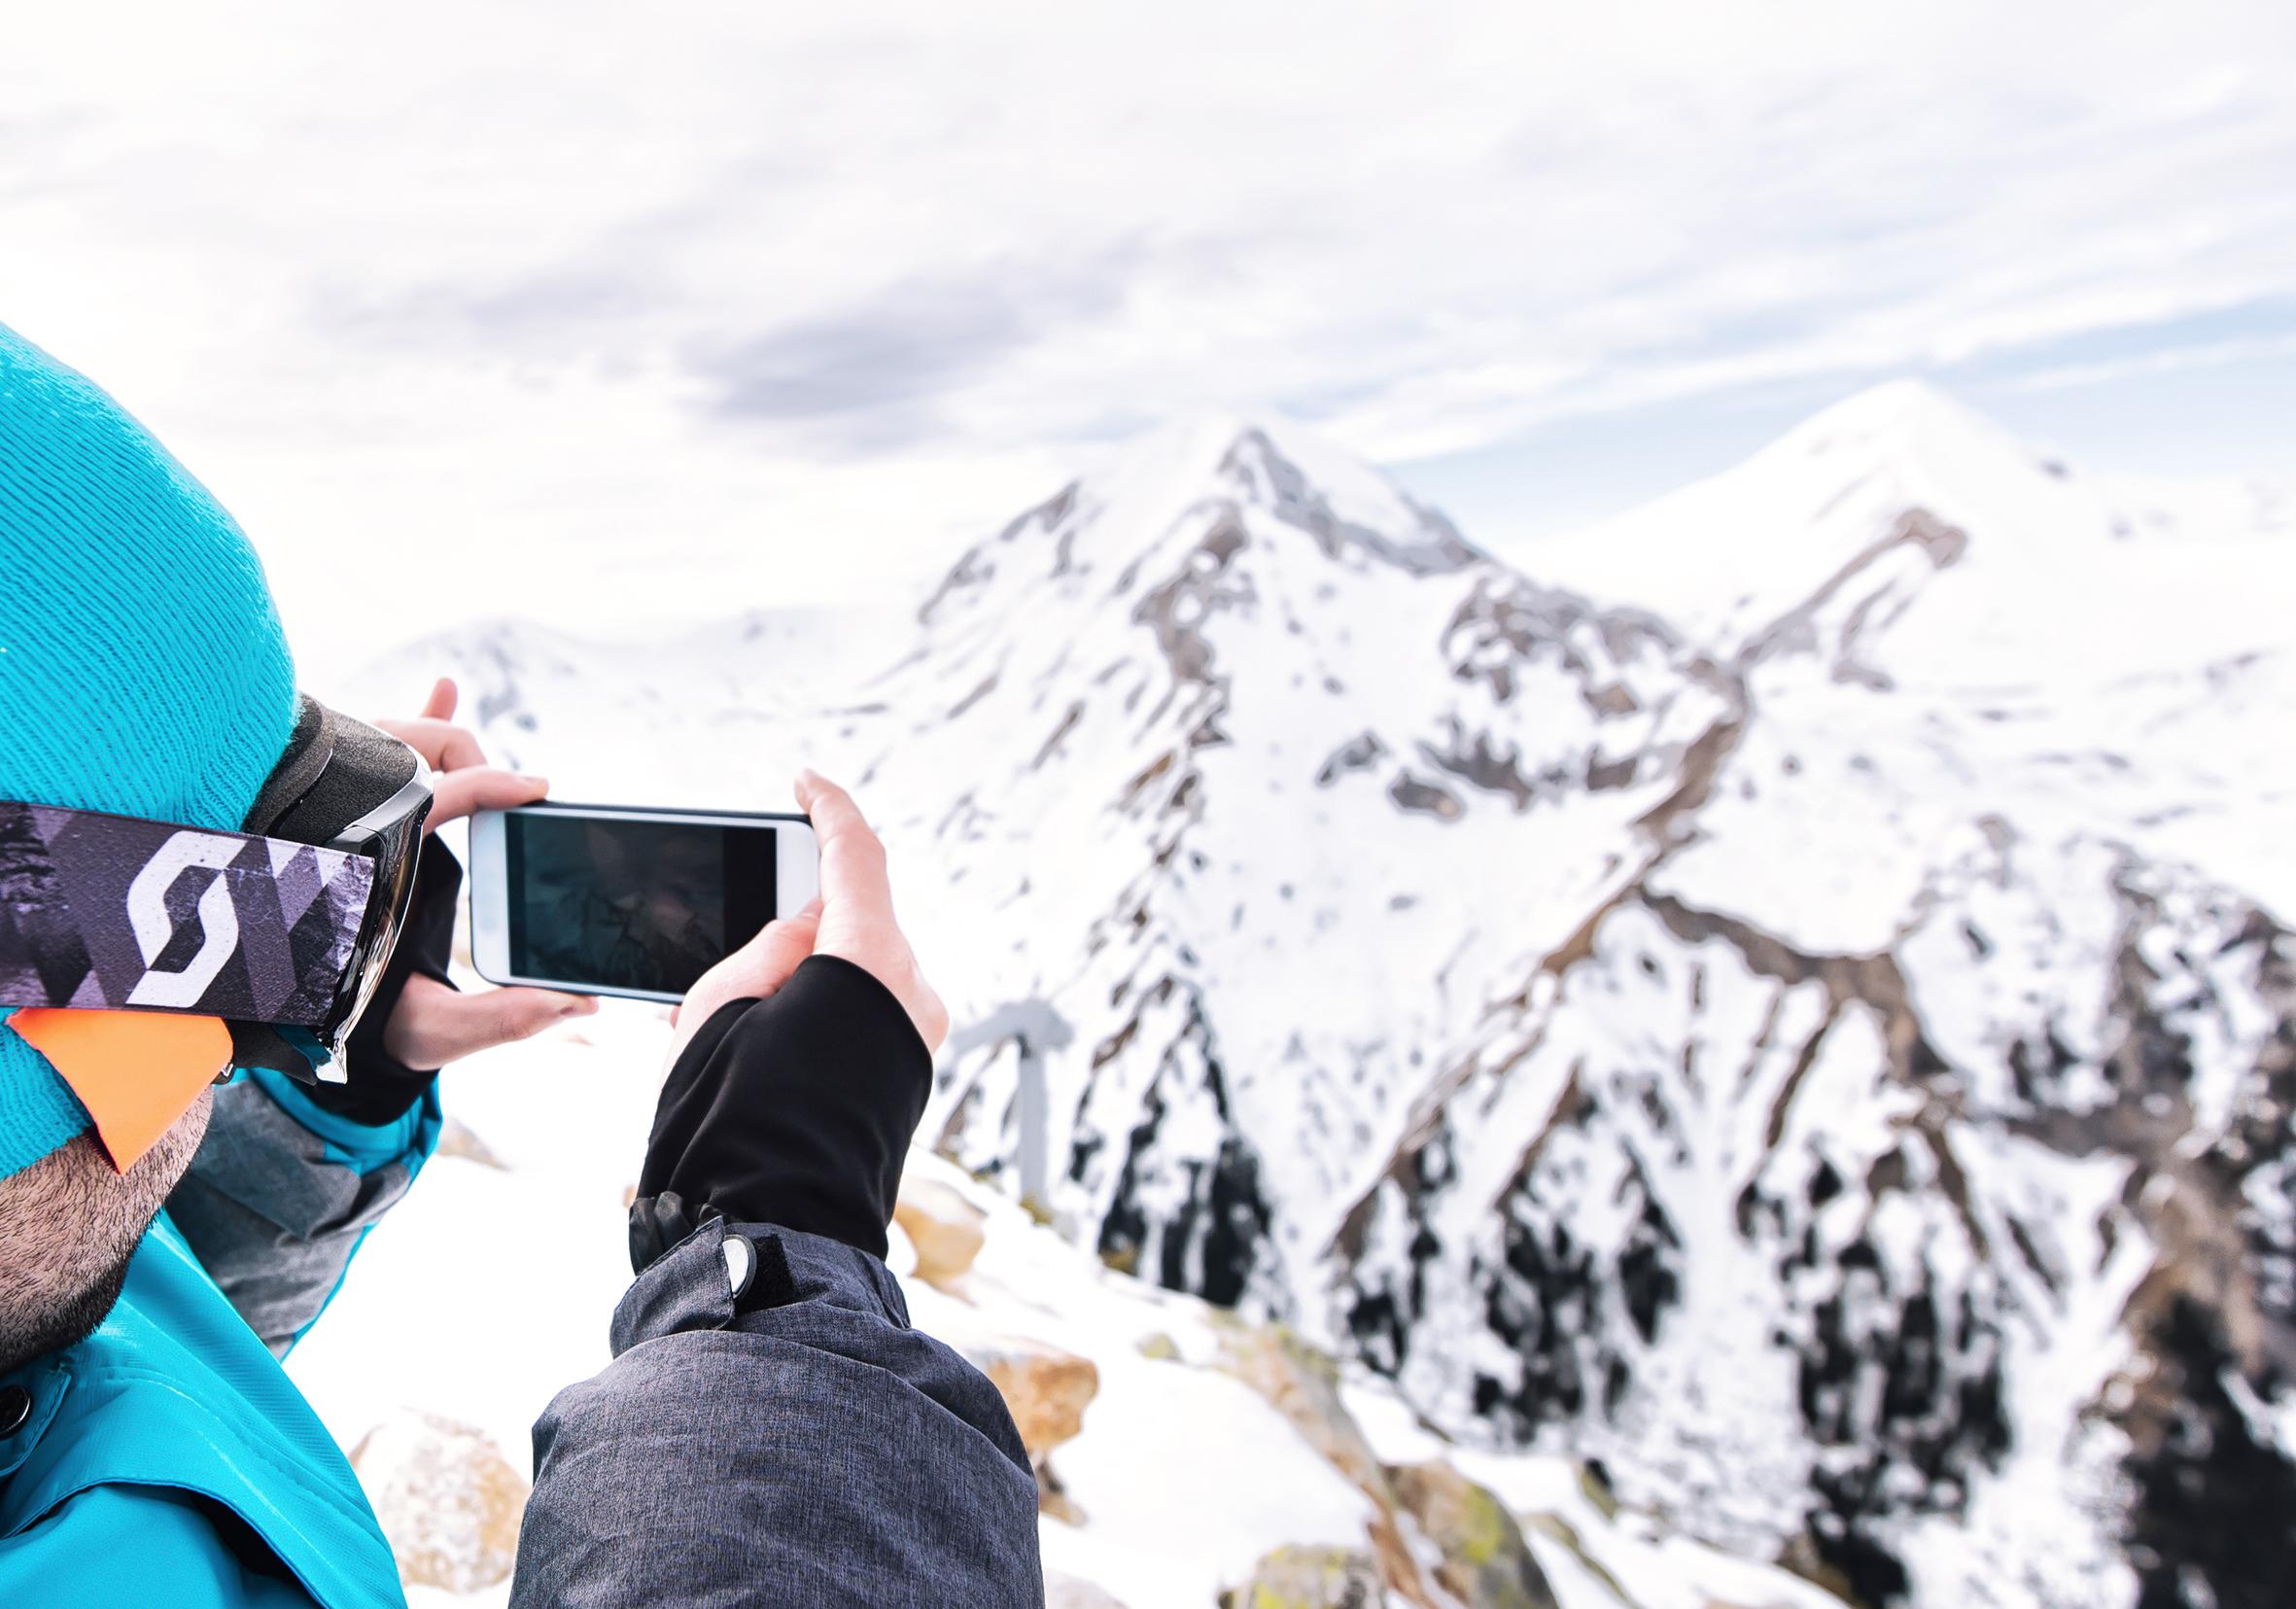 Zeig uns dein Brandnertal-Erlebnis: Video drehen – Skiurlaub gewinnen